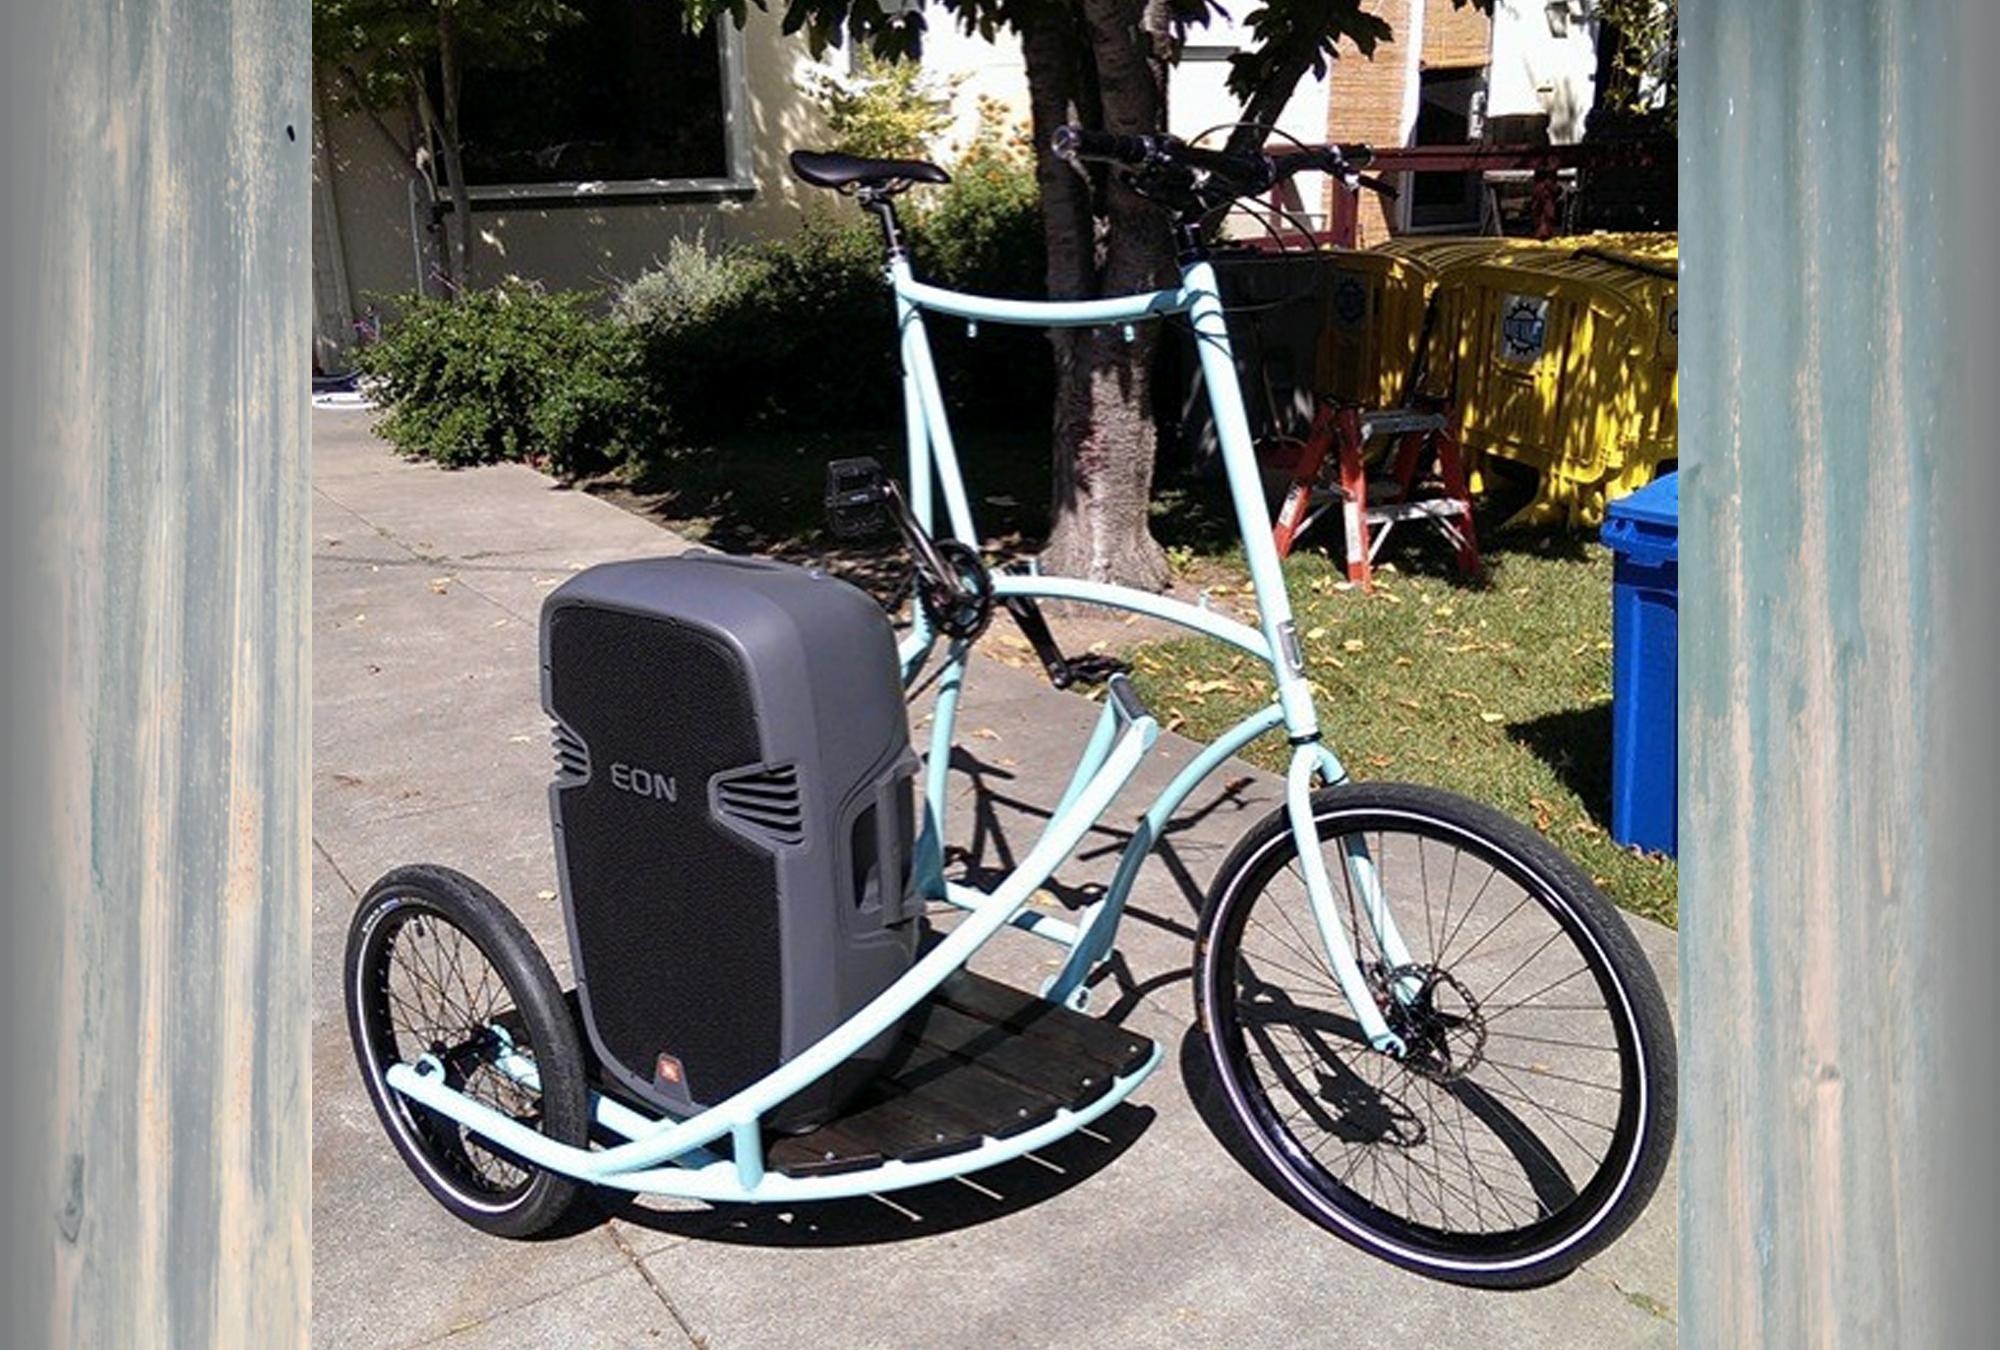 tallbike sidecar freakbike